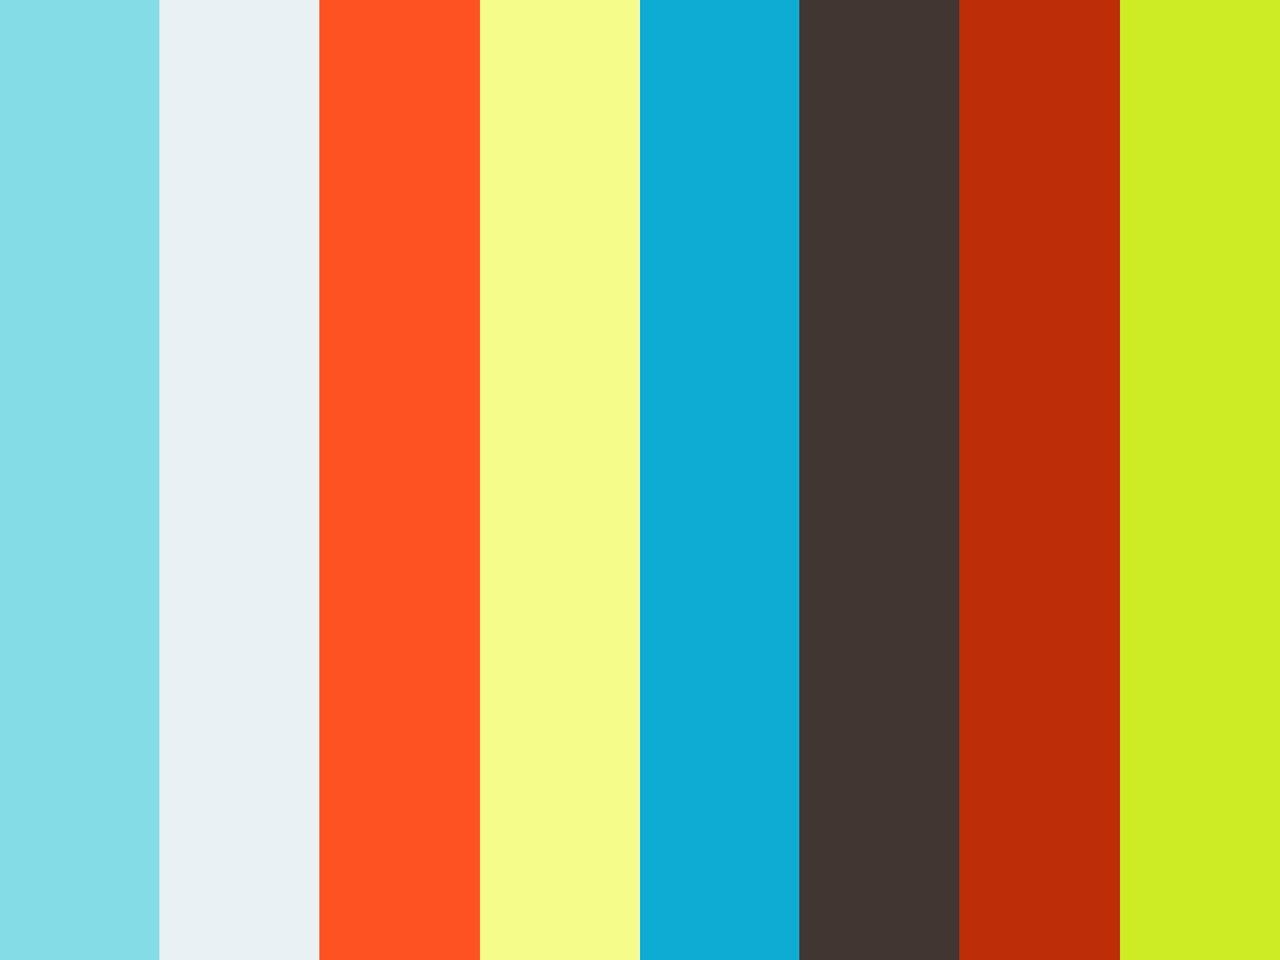 """2부예배 헌금송  예일관악단 """"사랑은 오래참고, 축복합니다"""" (05/21/2017)"""